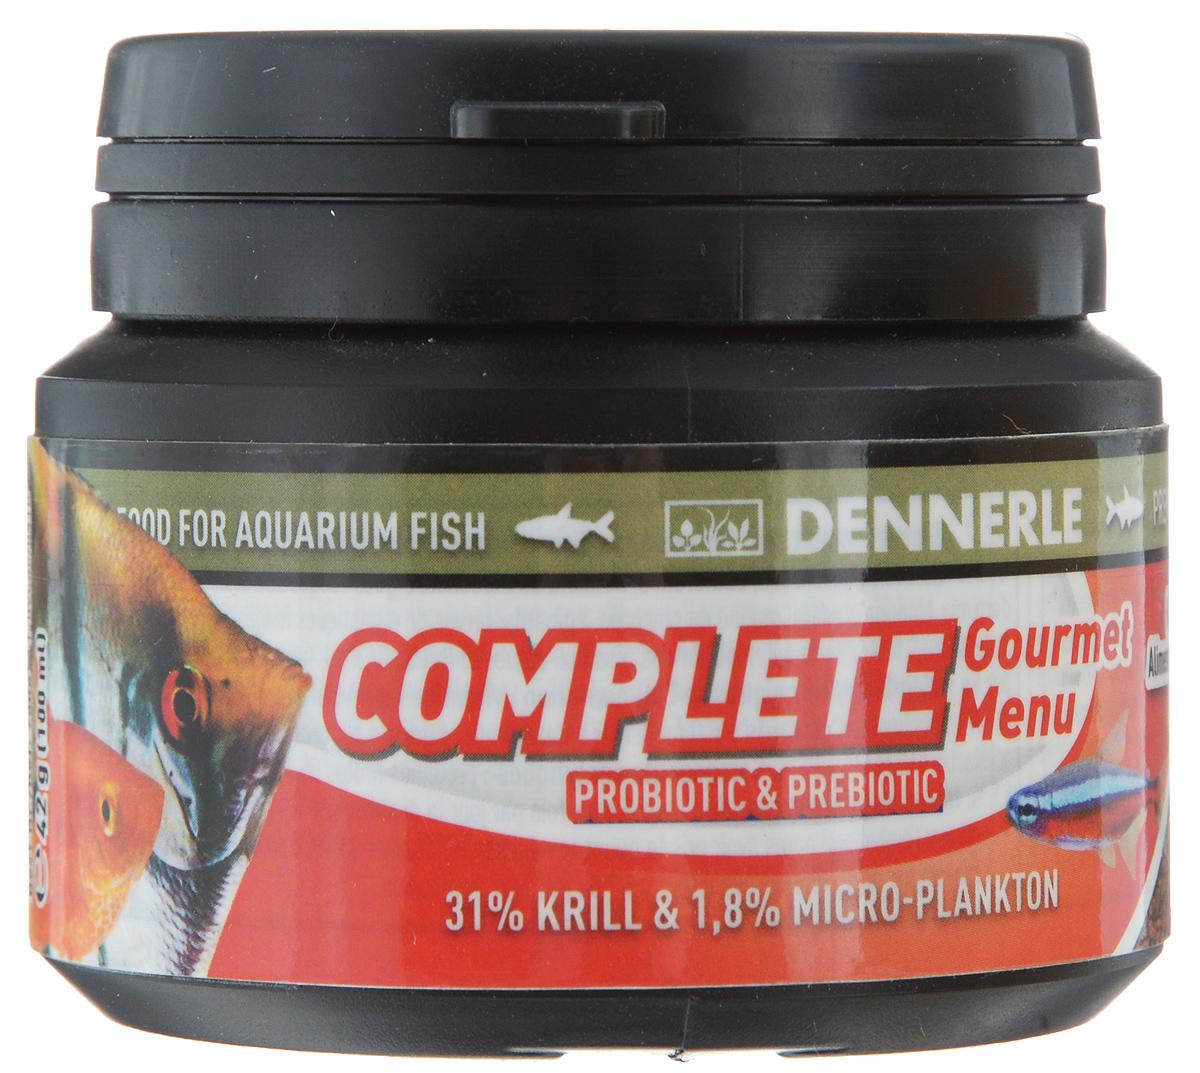 Корм Dennerle Complete Gourmet Menu, для аквариумных рыб, 42 гDEN7506Корм Dennerle Complete Gourmet Menu разработан для обитателей классического общего аквариума. Корм в форме гранул состоит из 30 различных ингредиентов и хорошо поедаются рыбами любого размера. Состоит из натуральных рачков и моллюсков (60%) и натуральных водорослей (4%). Первый корм для рыб с листьями «чудесного» дерева моринга (Moringa olifera), богатыми различными микроэлементами и витаминами. Состав: арктический криль (31%), пшеничный протеин, каракатица, жир морских животных с омега-3 ПНЖК, речной бокоплав, водяная блоха, кузнечик, личинка мухи, известковые красные водоросли, дрожжевой экстракт, экстракт зеленого губчатого моллюска, артемия и науплия артемии, моринга масличная, цикория инулина, шпинат, красная личинка комара, Nannochloropsis водоросли (1%), травяной экстракт, капуста белокочанная, спирулина платенсис (0,5%), мелисса, чеснок, мокрица, водоросли хлорелла (0,3%), фенхель, анис, цветочная пыльца, порошок виноградных косточек, бета- ...